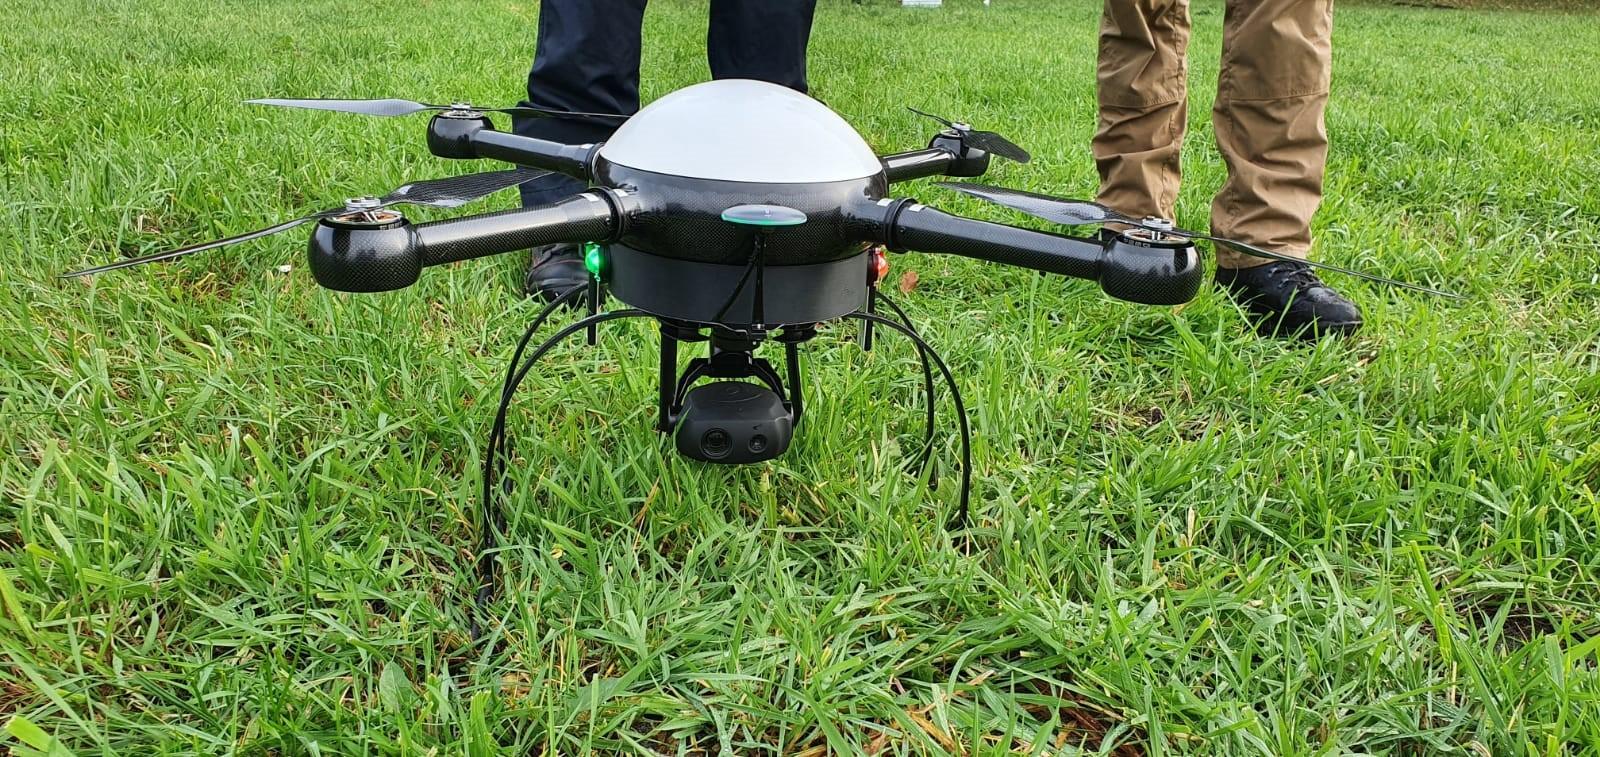 Drohne-5